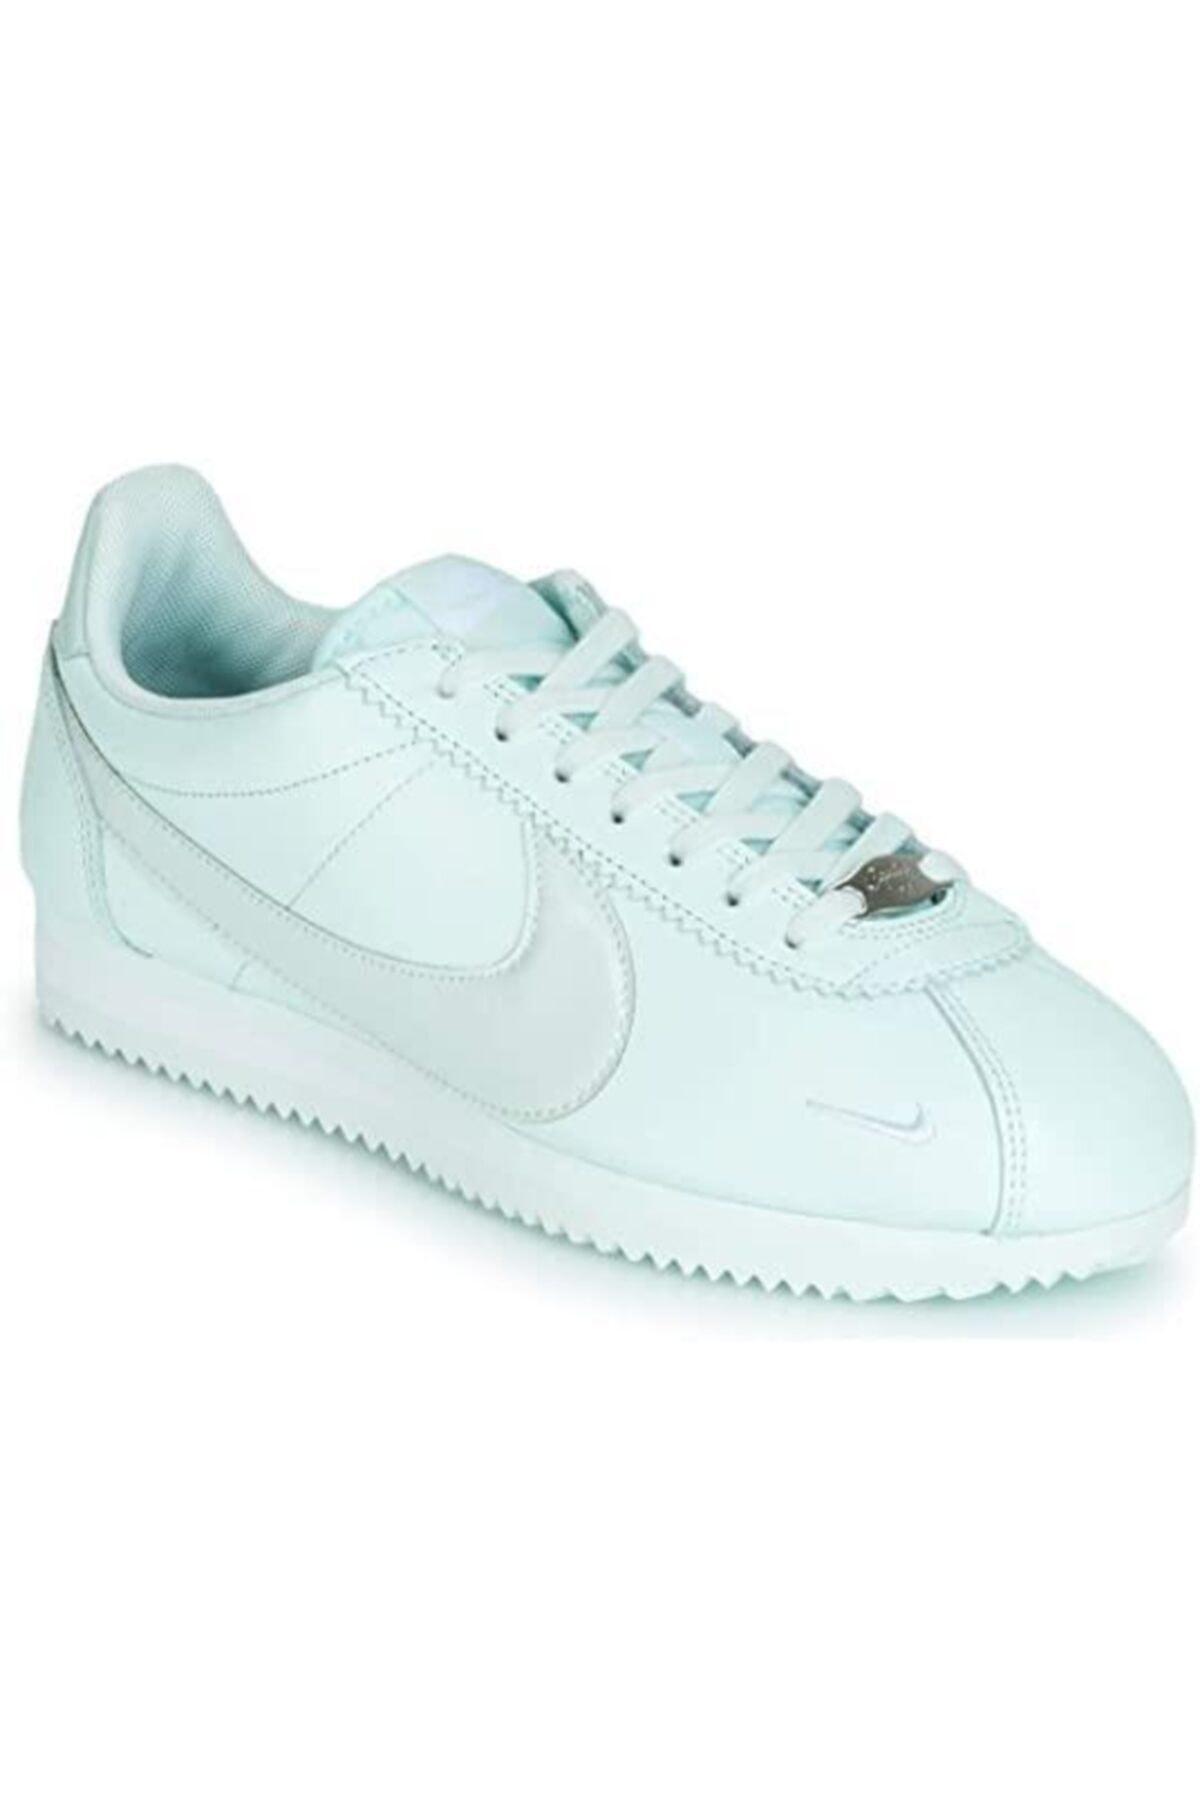 Nike Classic Cortez Kadın Spor Ayakkabı 2